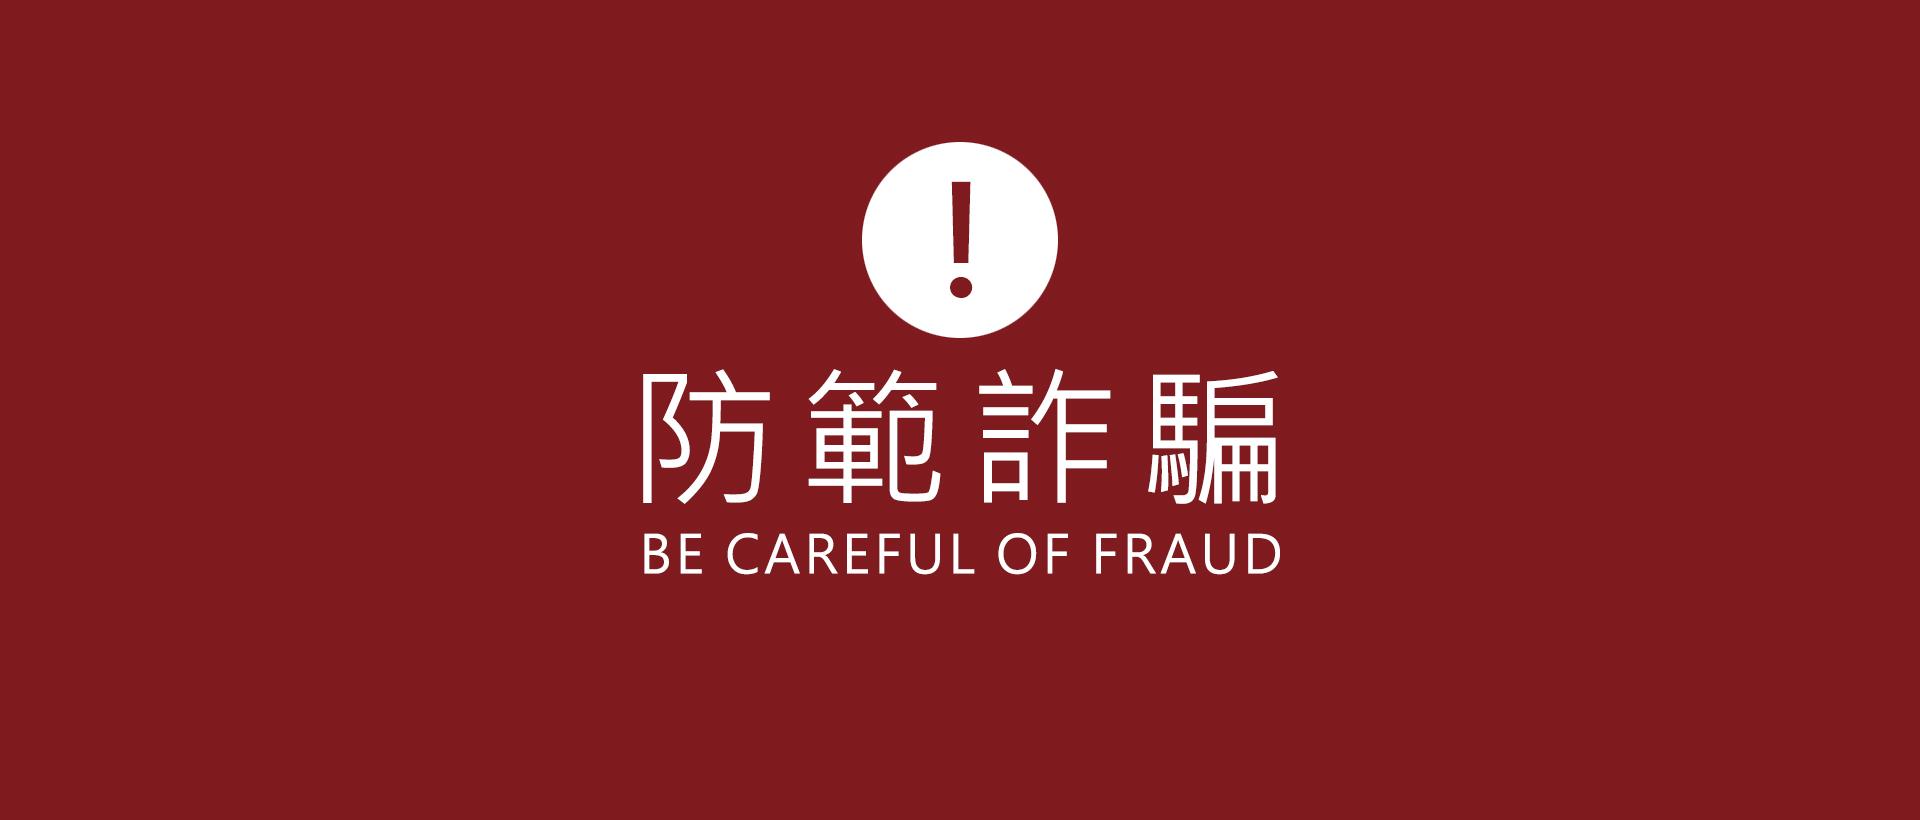 【重要資訊】防詐騙聲明